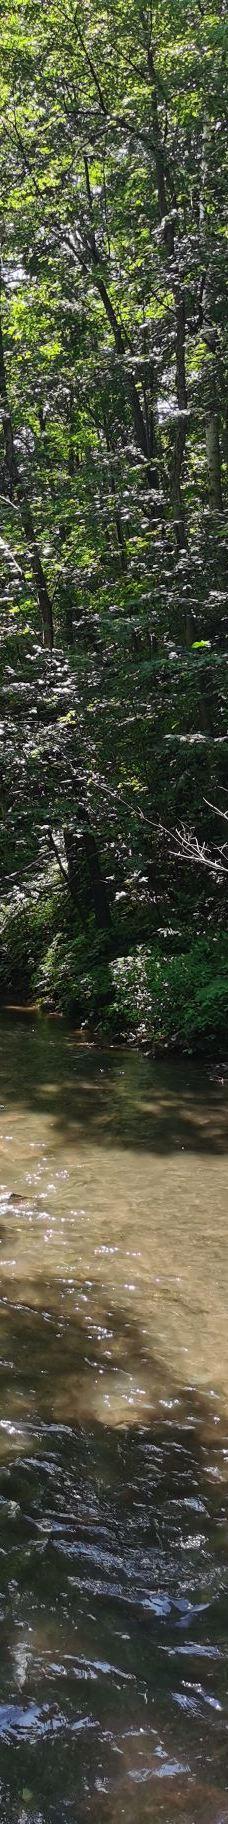 吉林龙湾群国家森林公园-辉南